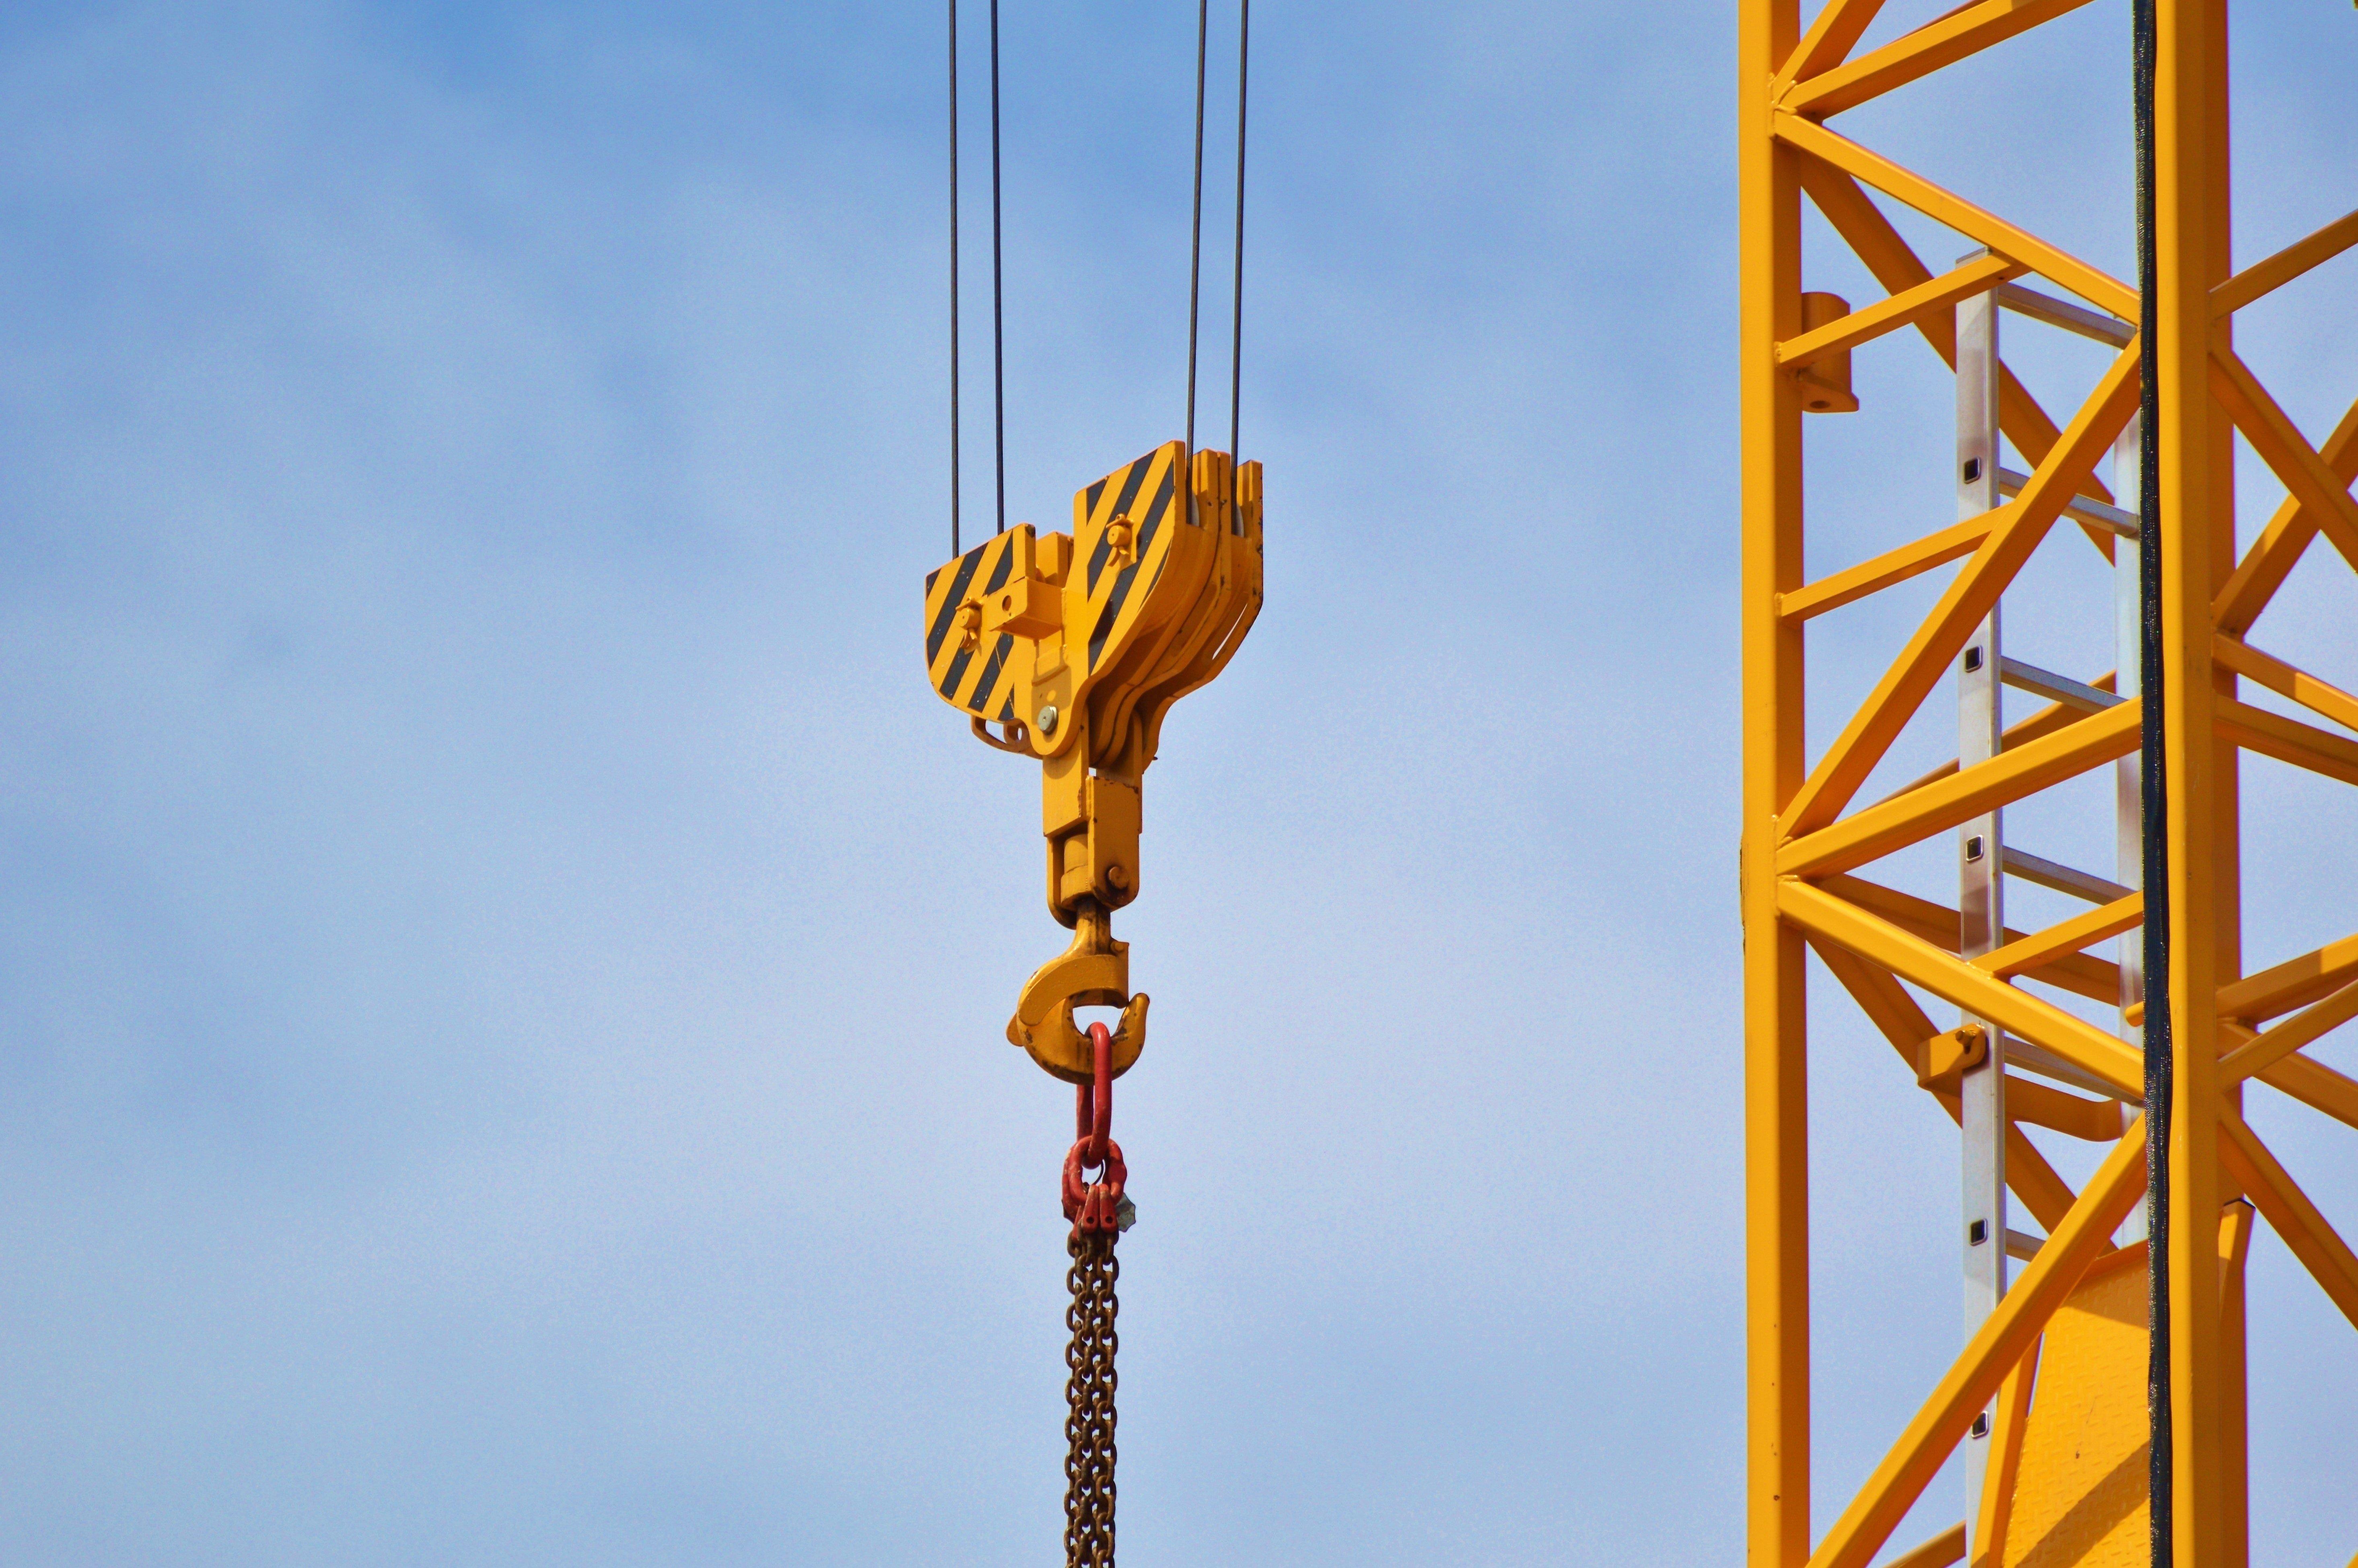 Cadman Cranes откажется от дизельного топлива